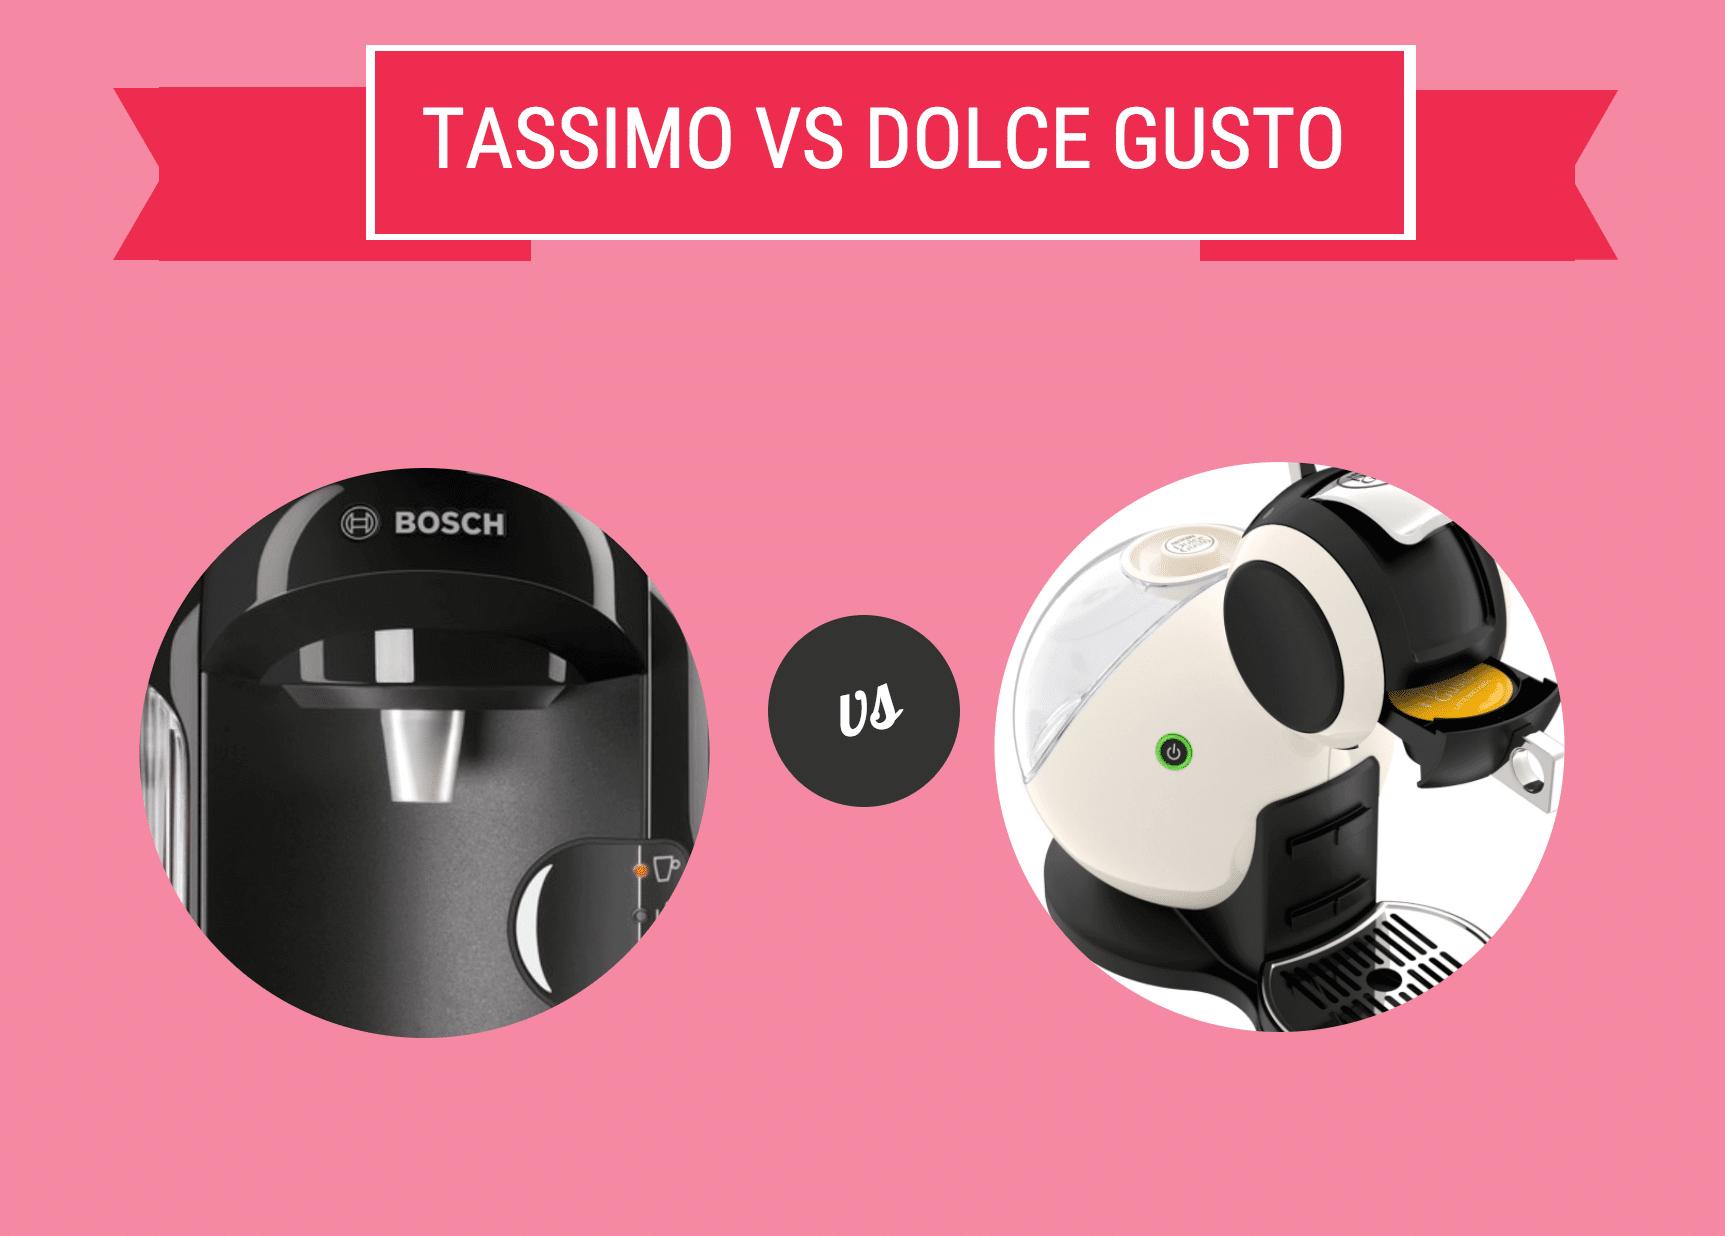 Tassimo vs Dolce Gusto Image